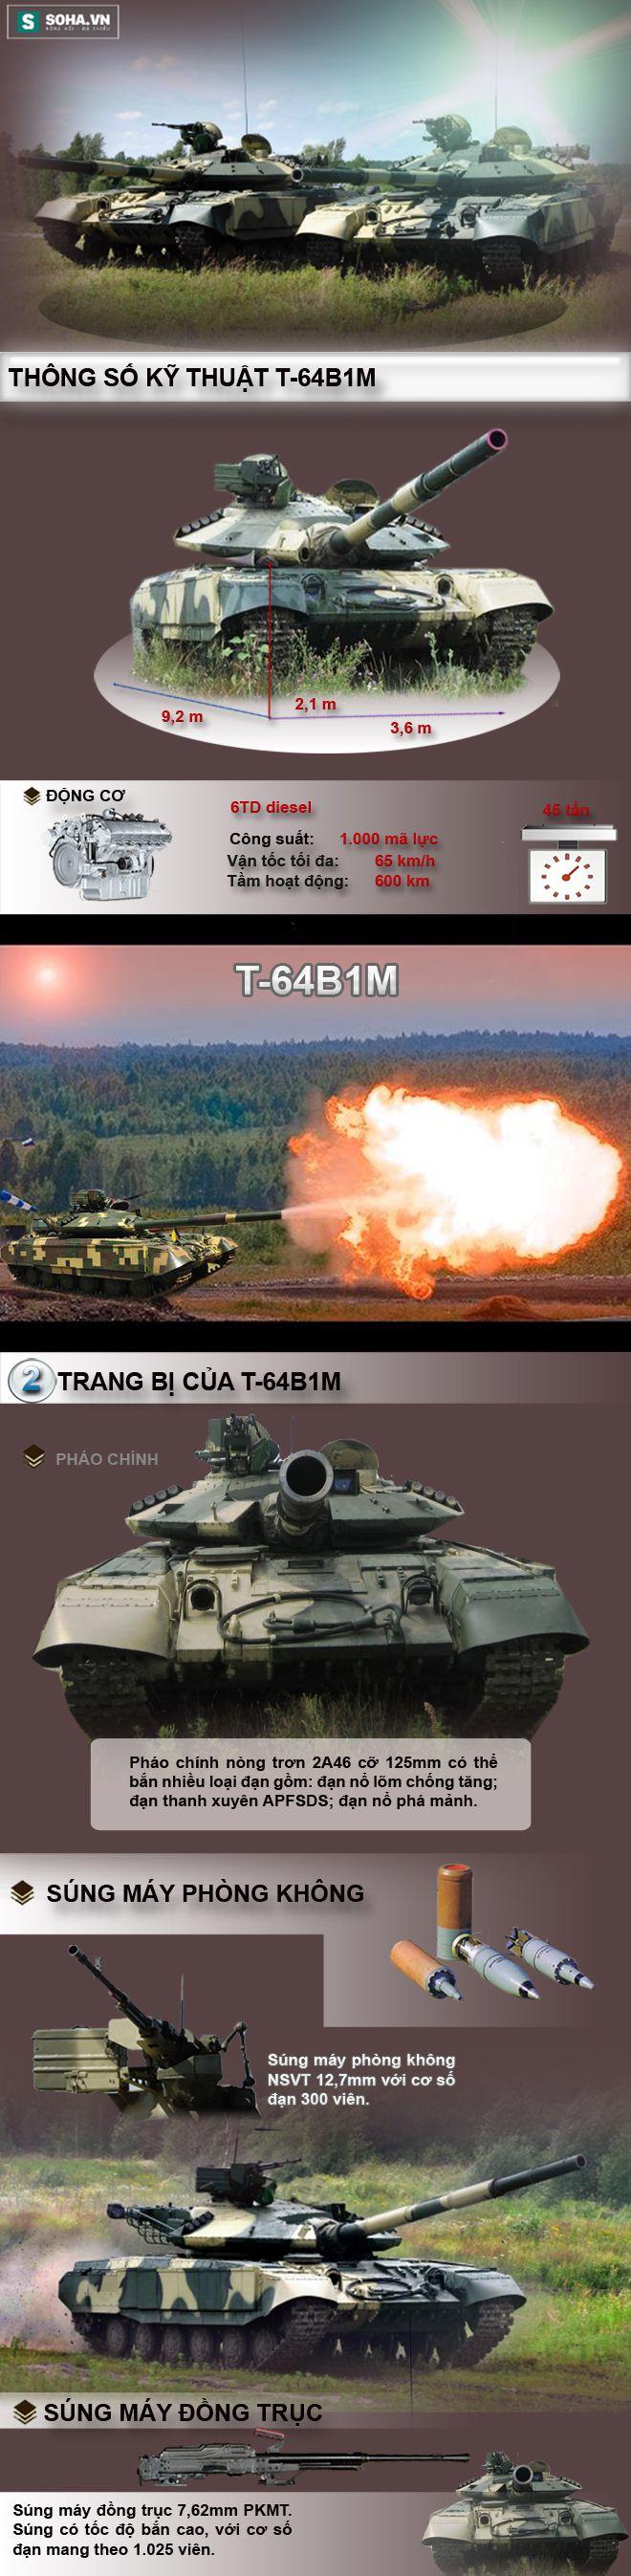 Xe tăng chiến đấu chủ lực T-64B1M - Đối thủ xứng tầm của T-72B3 - Ảnh 2.